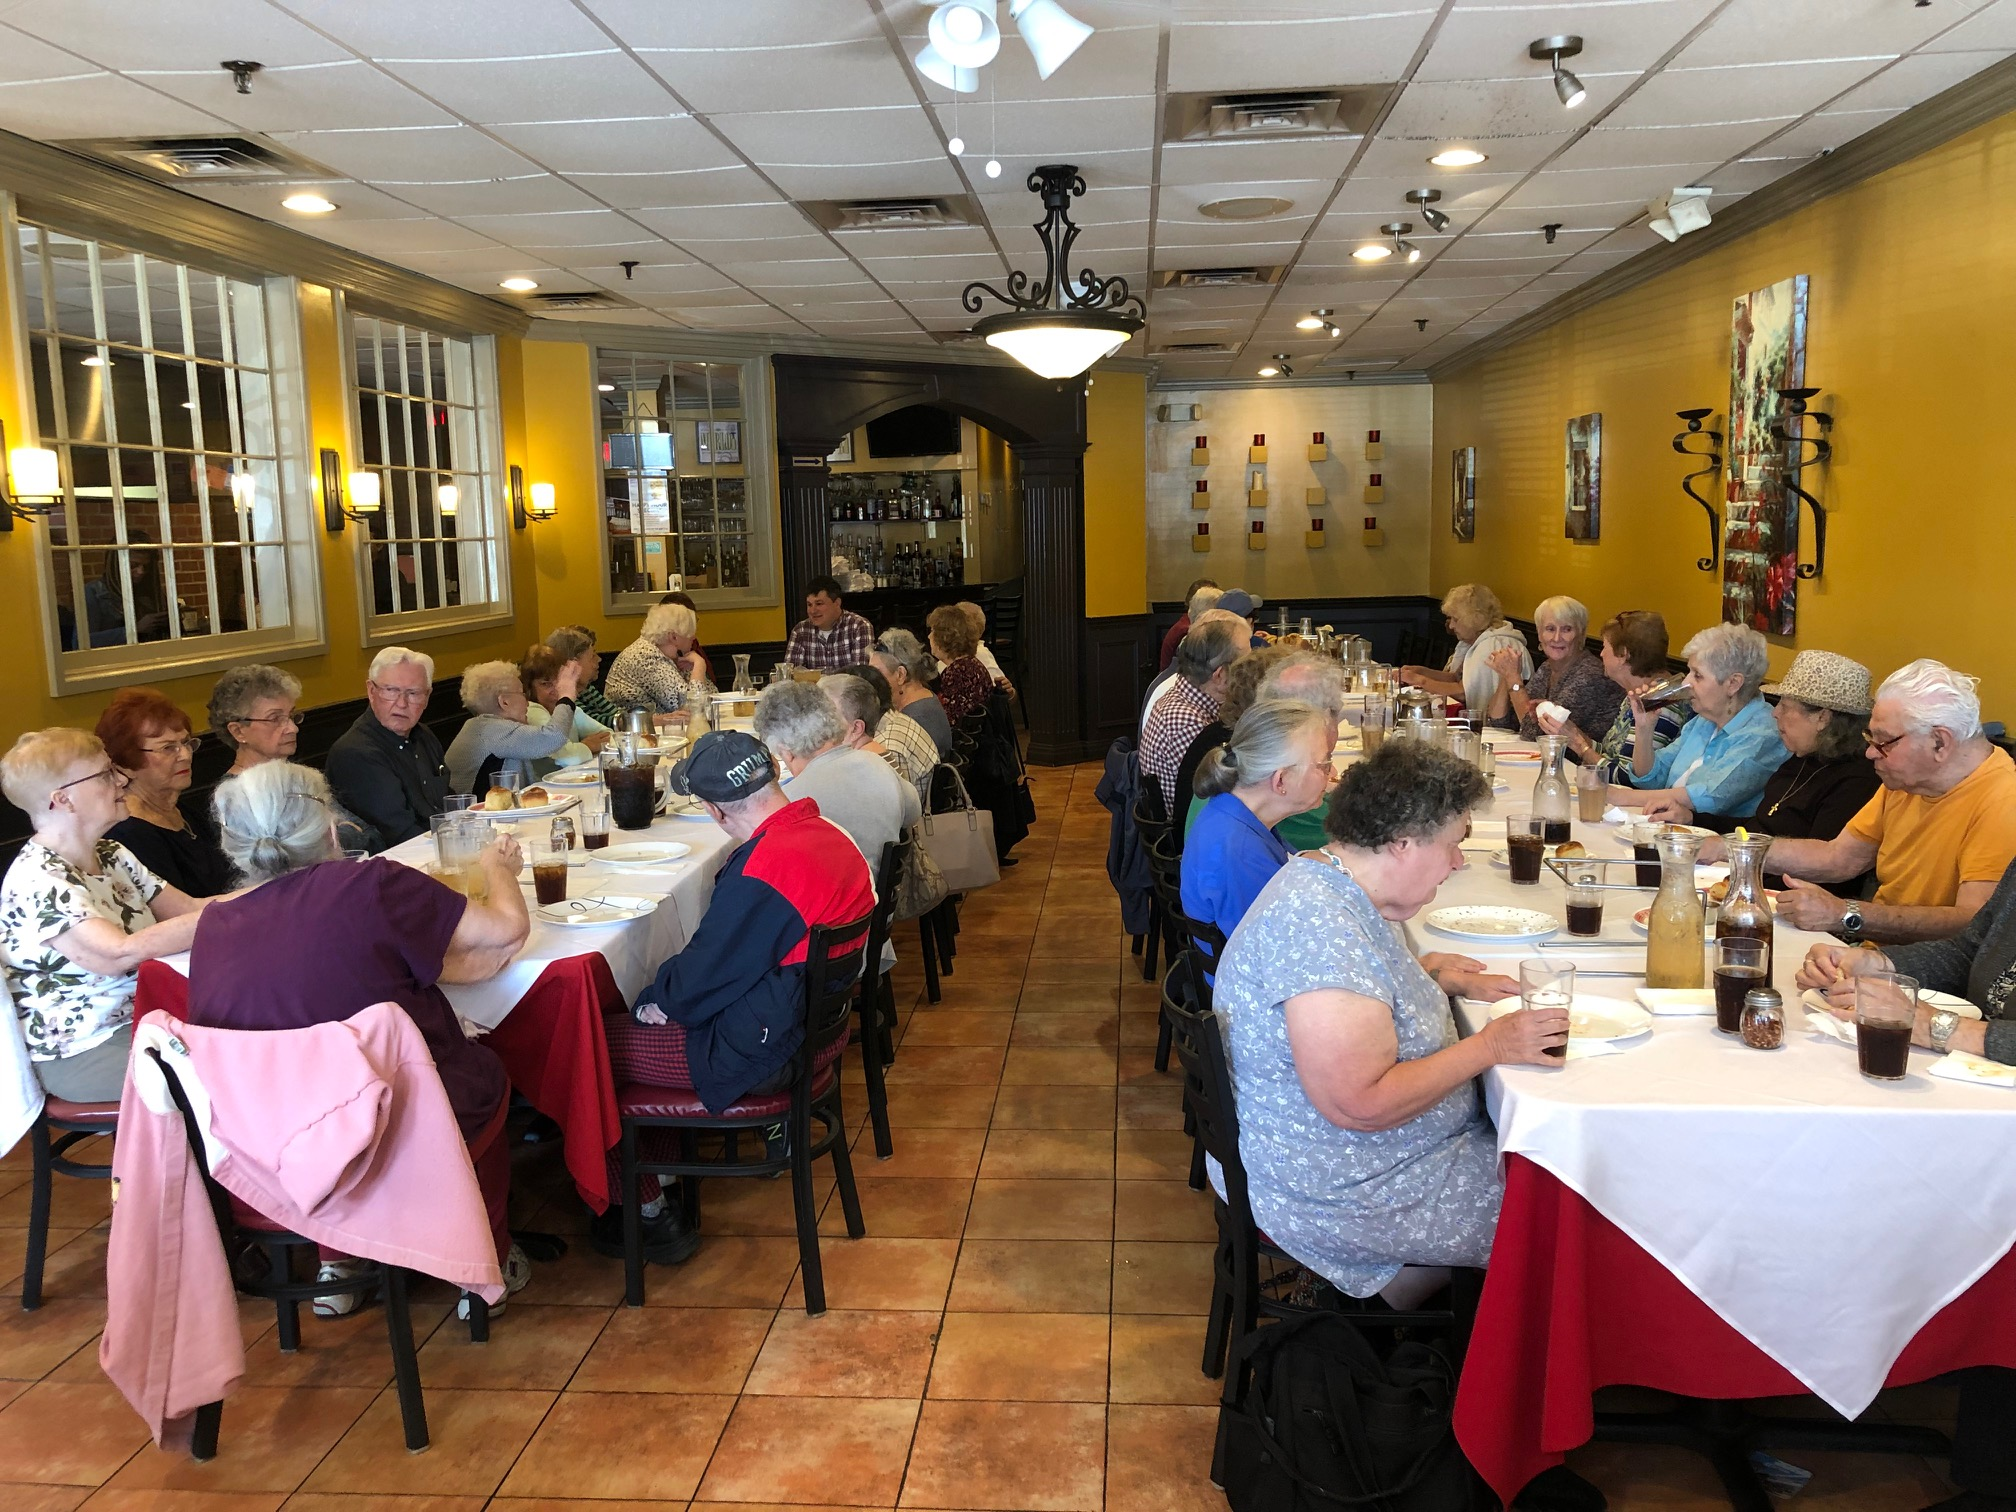 Senior Pizza Party - September 9, 2019